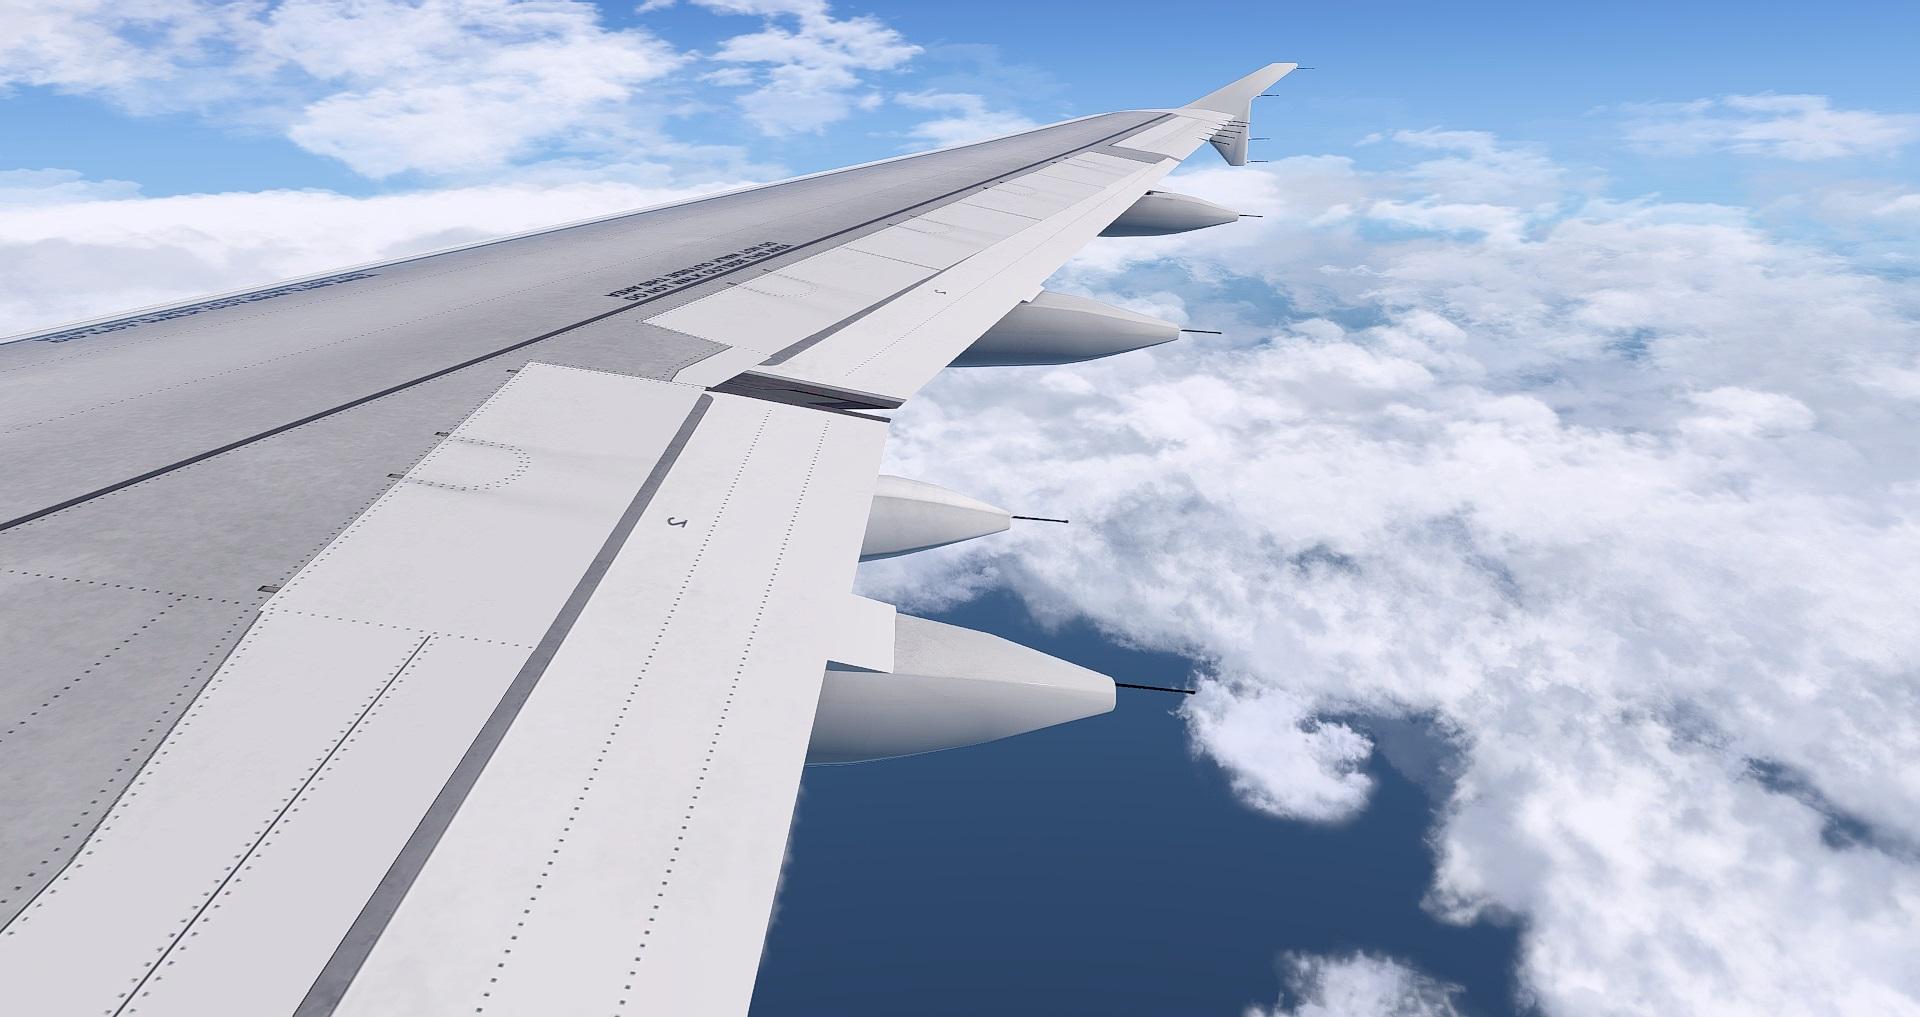 x-plane-2021-01-26-22-54-16.jpg